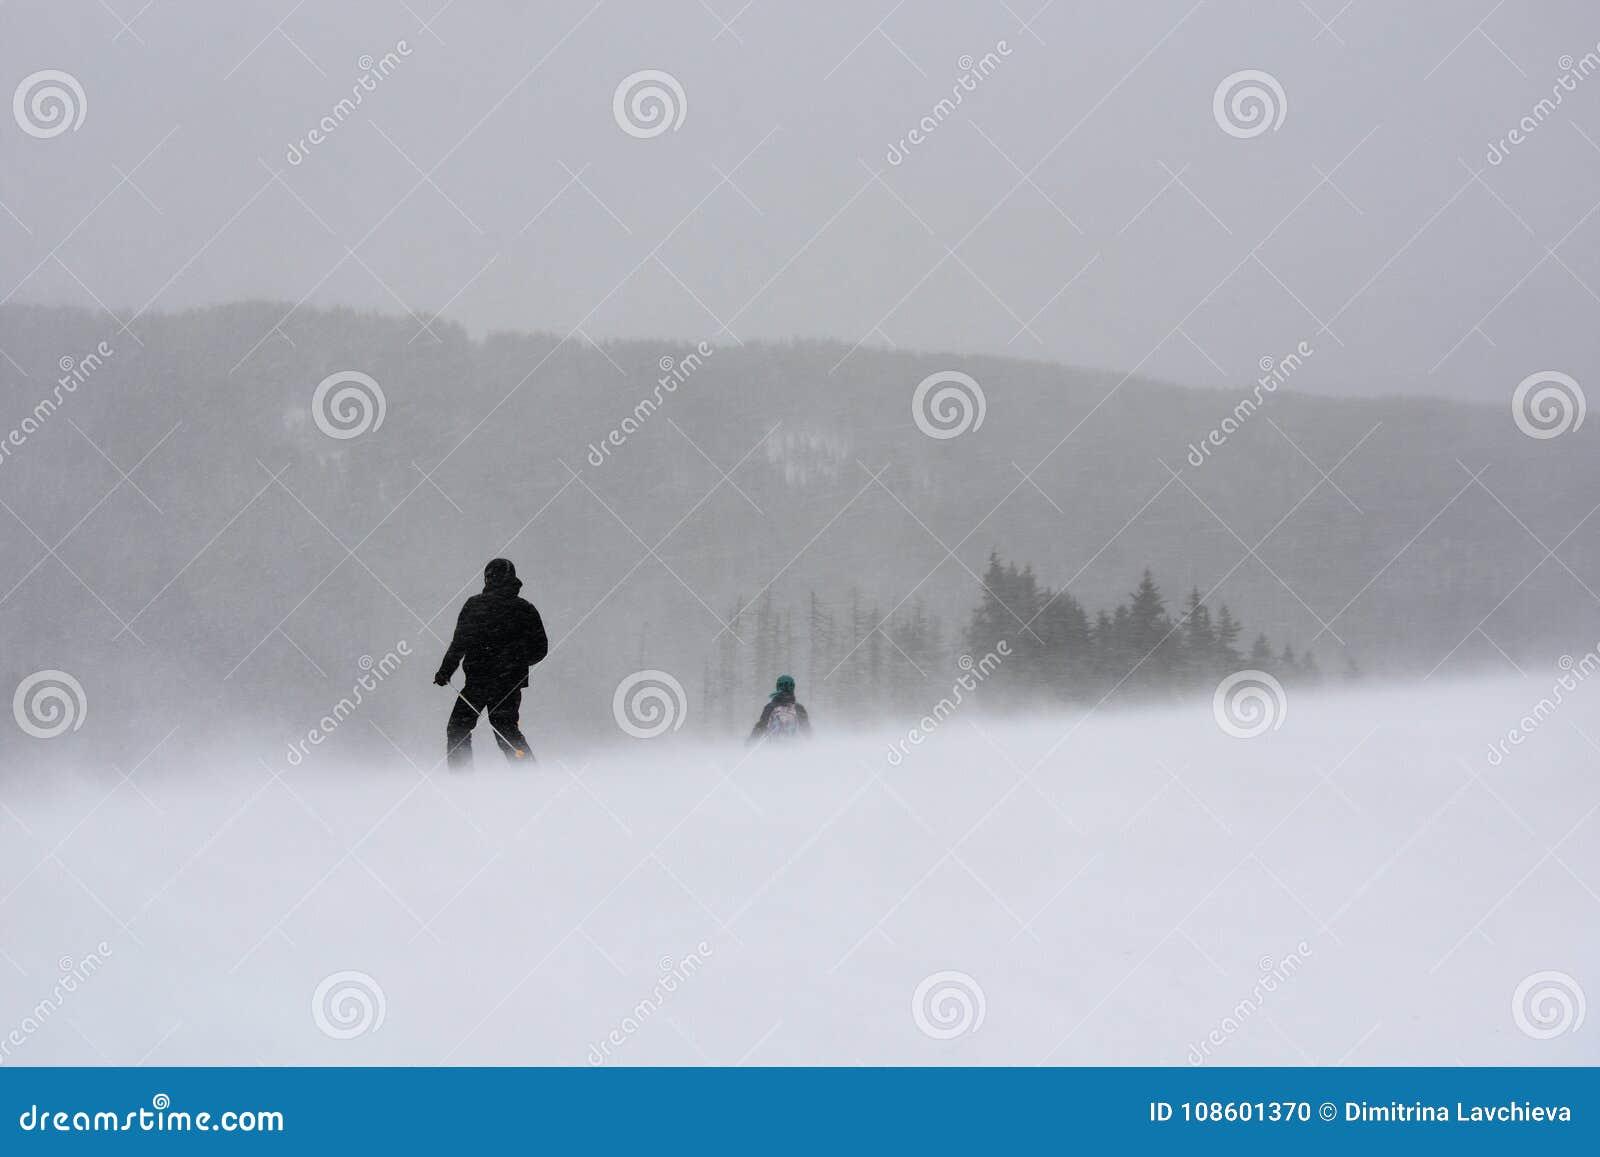 冬天飞雪的滑雪者